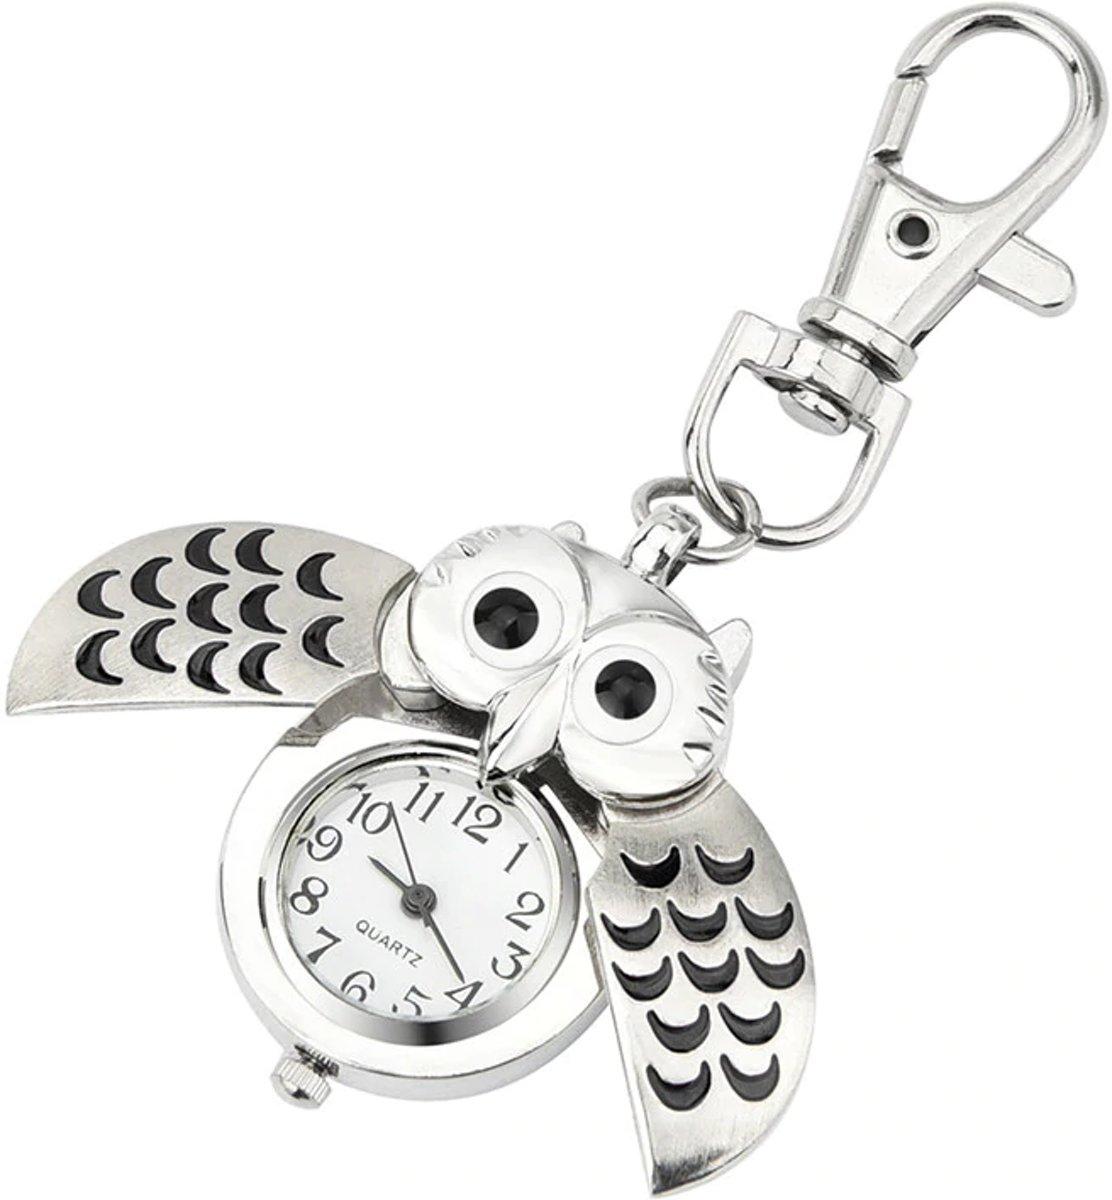 Kinder Horloge Zwarte Uil - Zakhorloge - Jongen - Meisje kopen